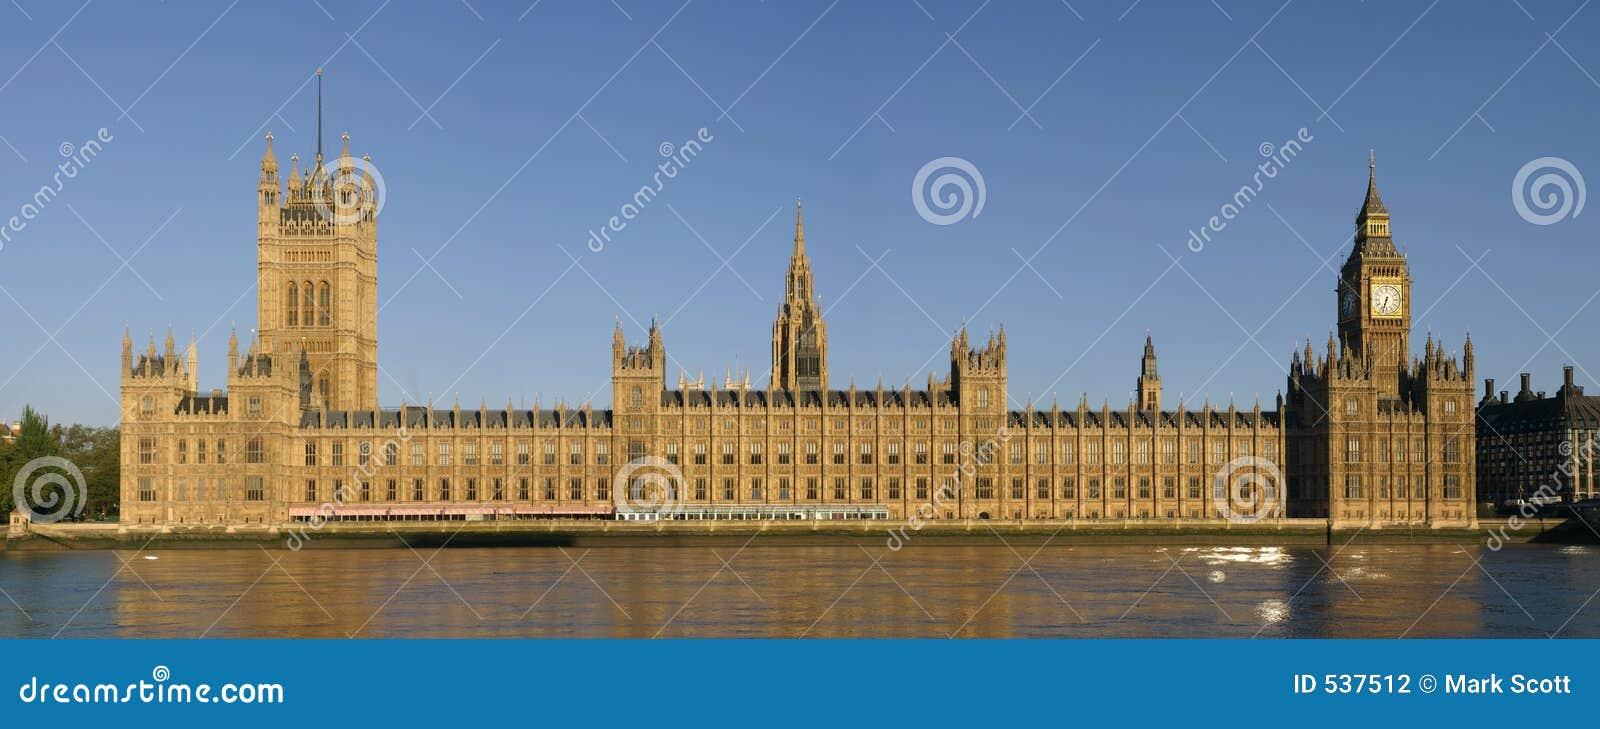 Download 安置议会 库存照片. 图片 包括有 英语, 欧洲, 响铃, 小岛, 房子, 泰晤士, 资本, 政府, 英国, 伦敦 - 537512